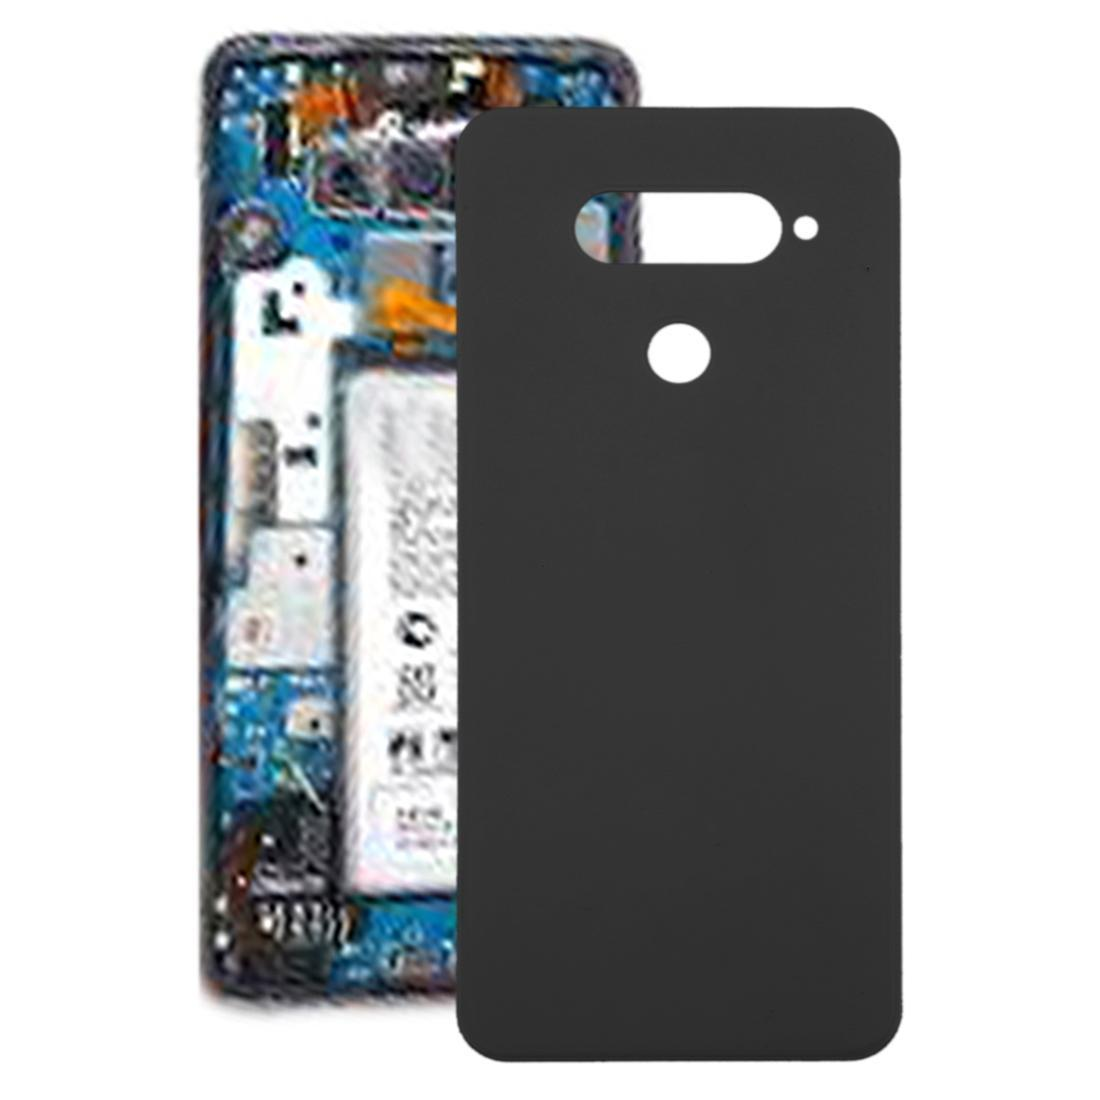 Batterie couverture pour LG Q70